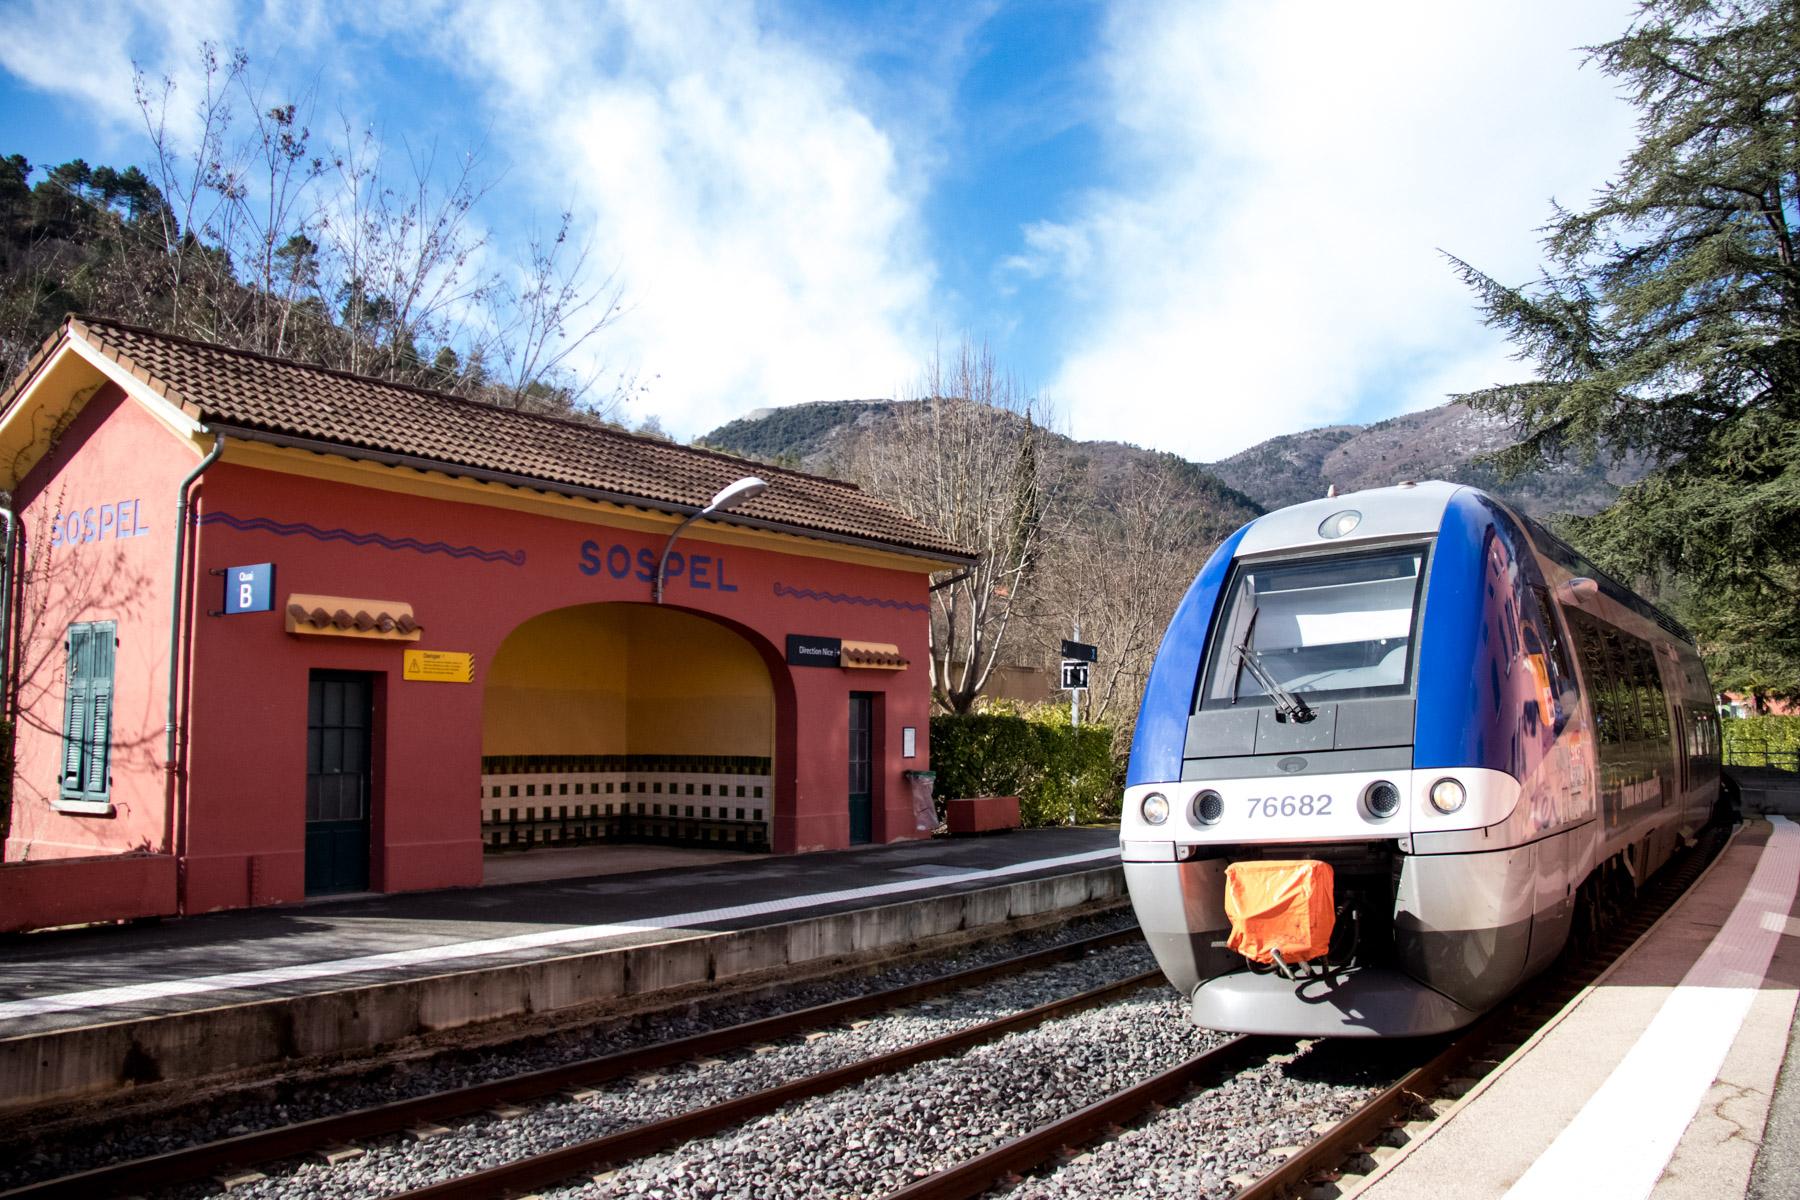 De trein komt aan op het station van Sospel.